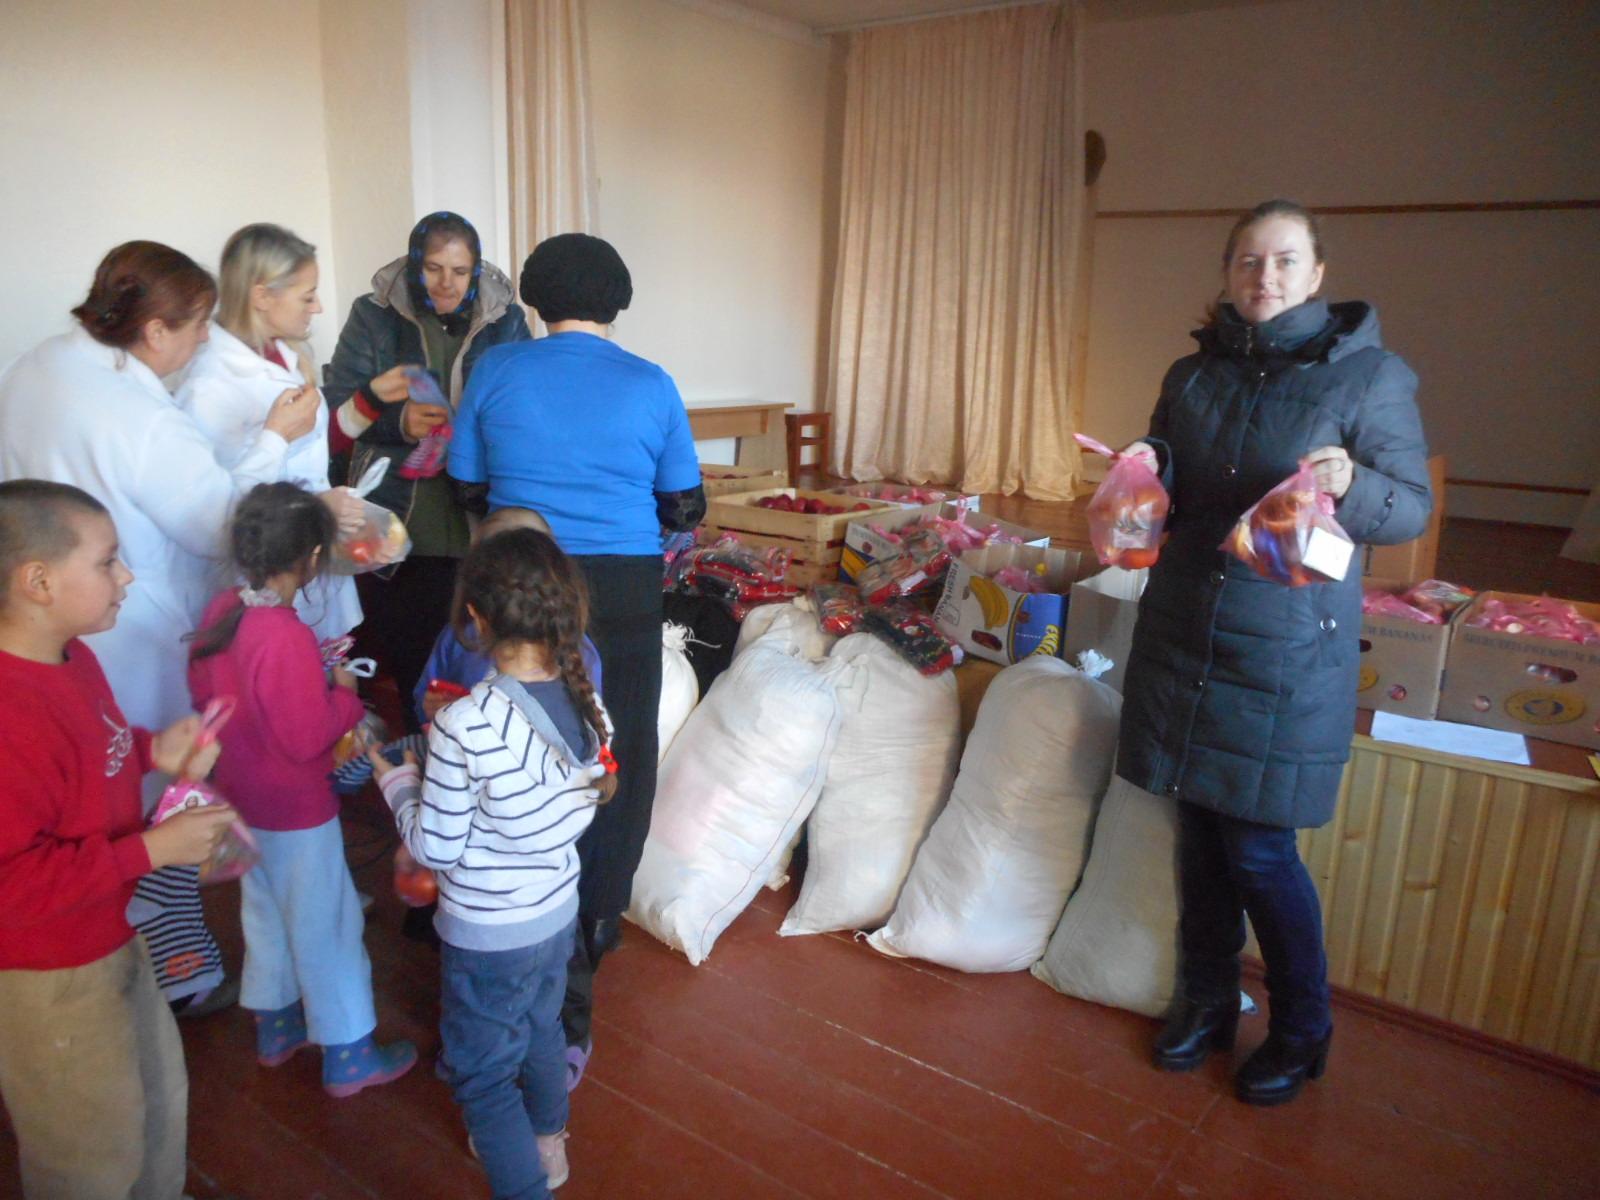 Copiii au primit, fiecare, cate un cadou din fructe si dulciuri.JPG